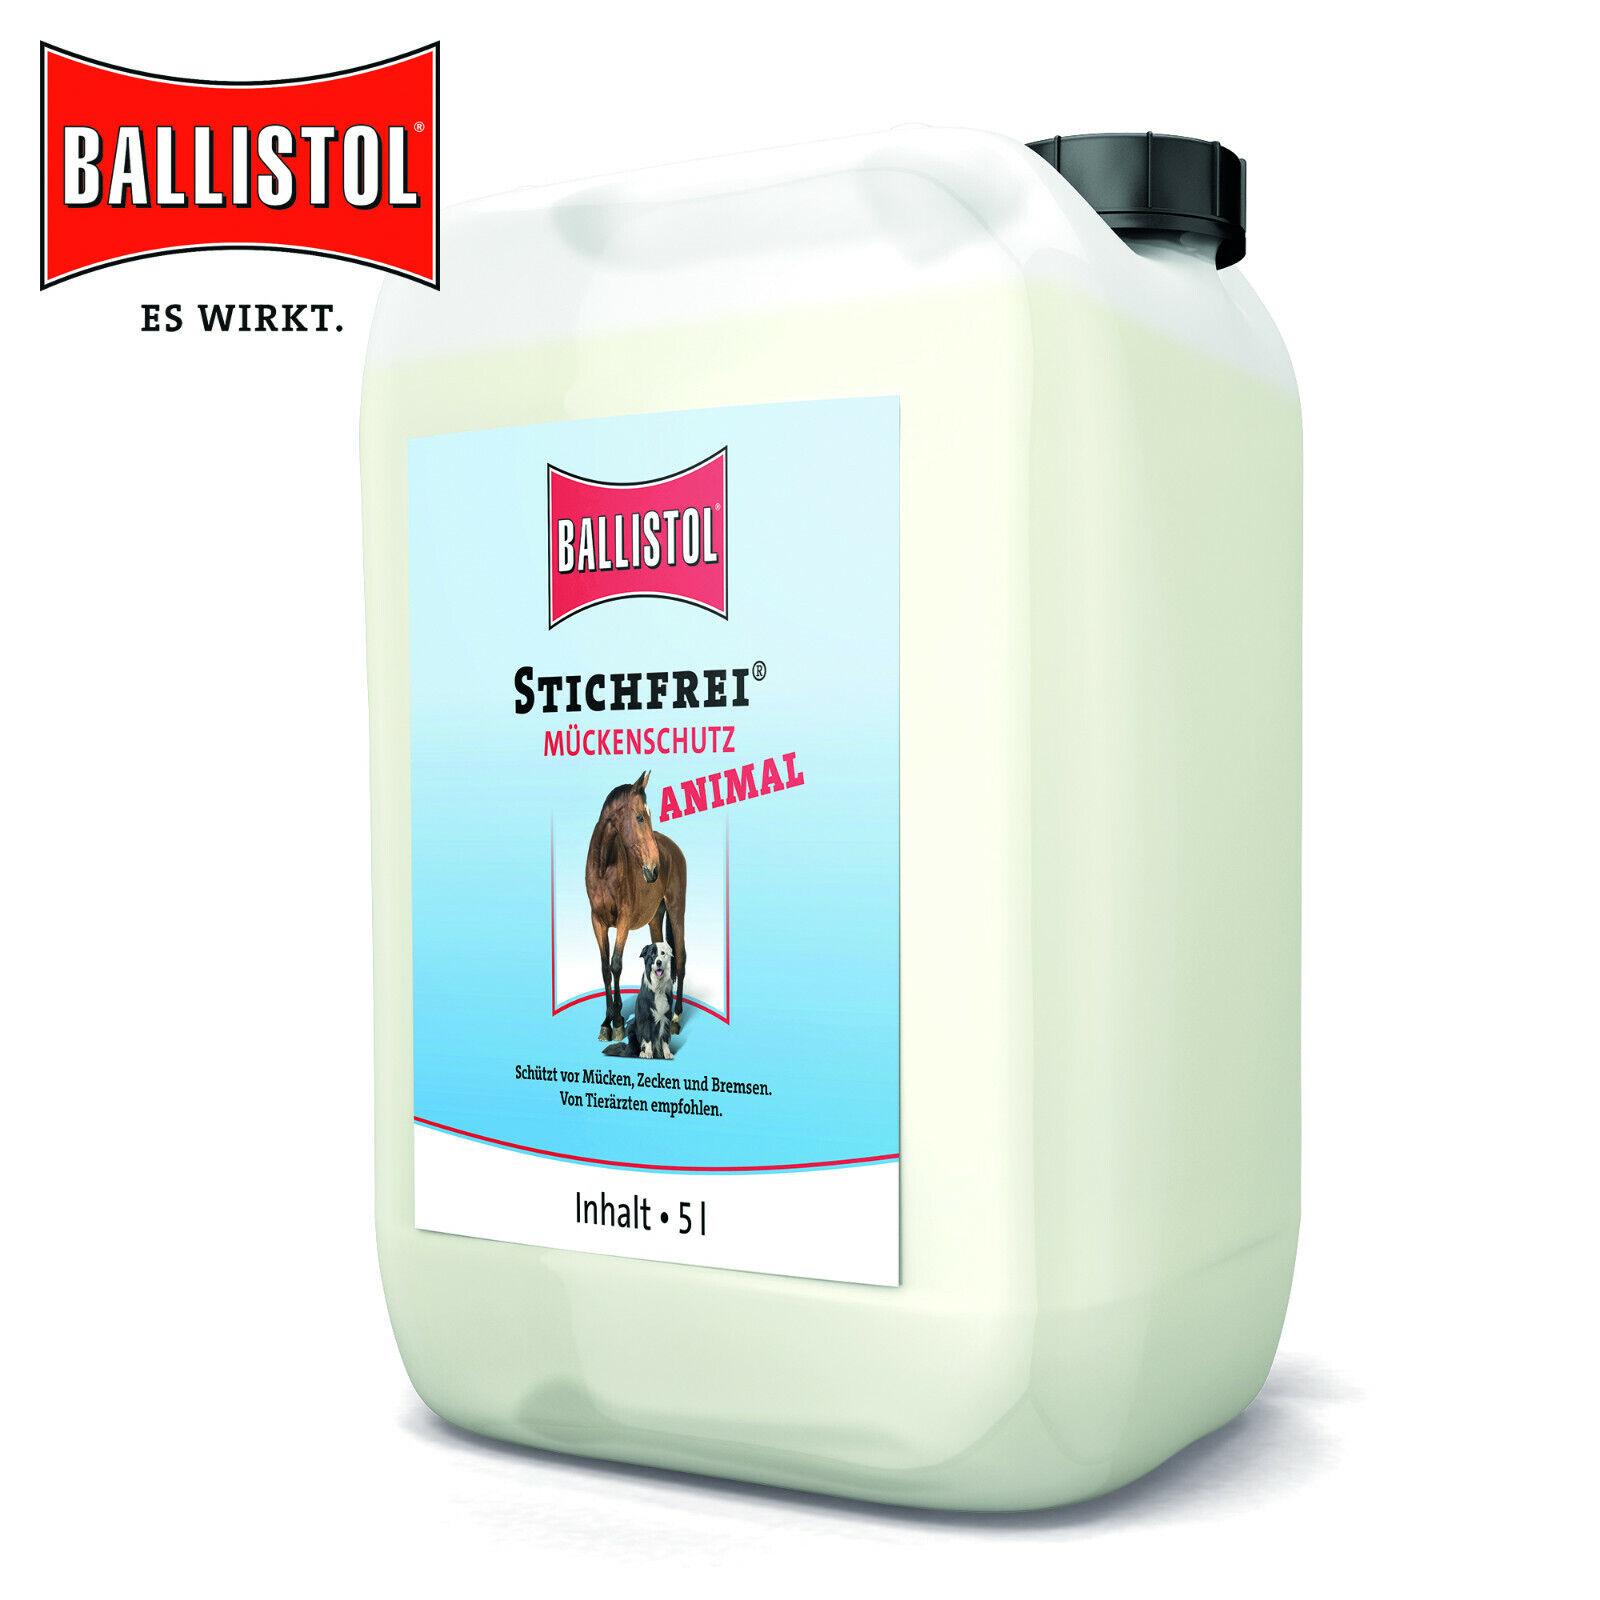 Ballistol 5 Liter Animal Stichfrei® Mückenschutz gegen Mücken, Zecken, Bremsen